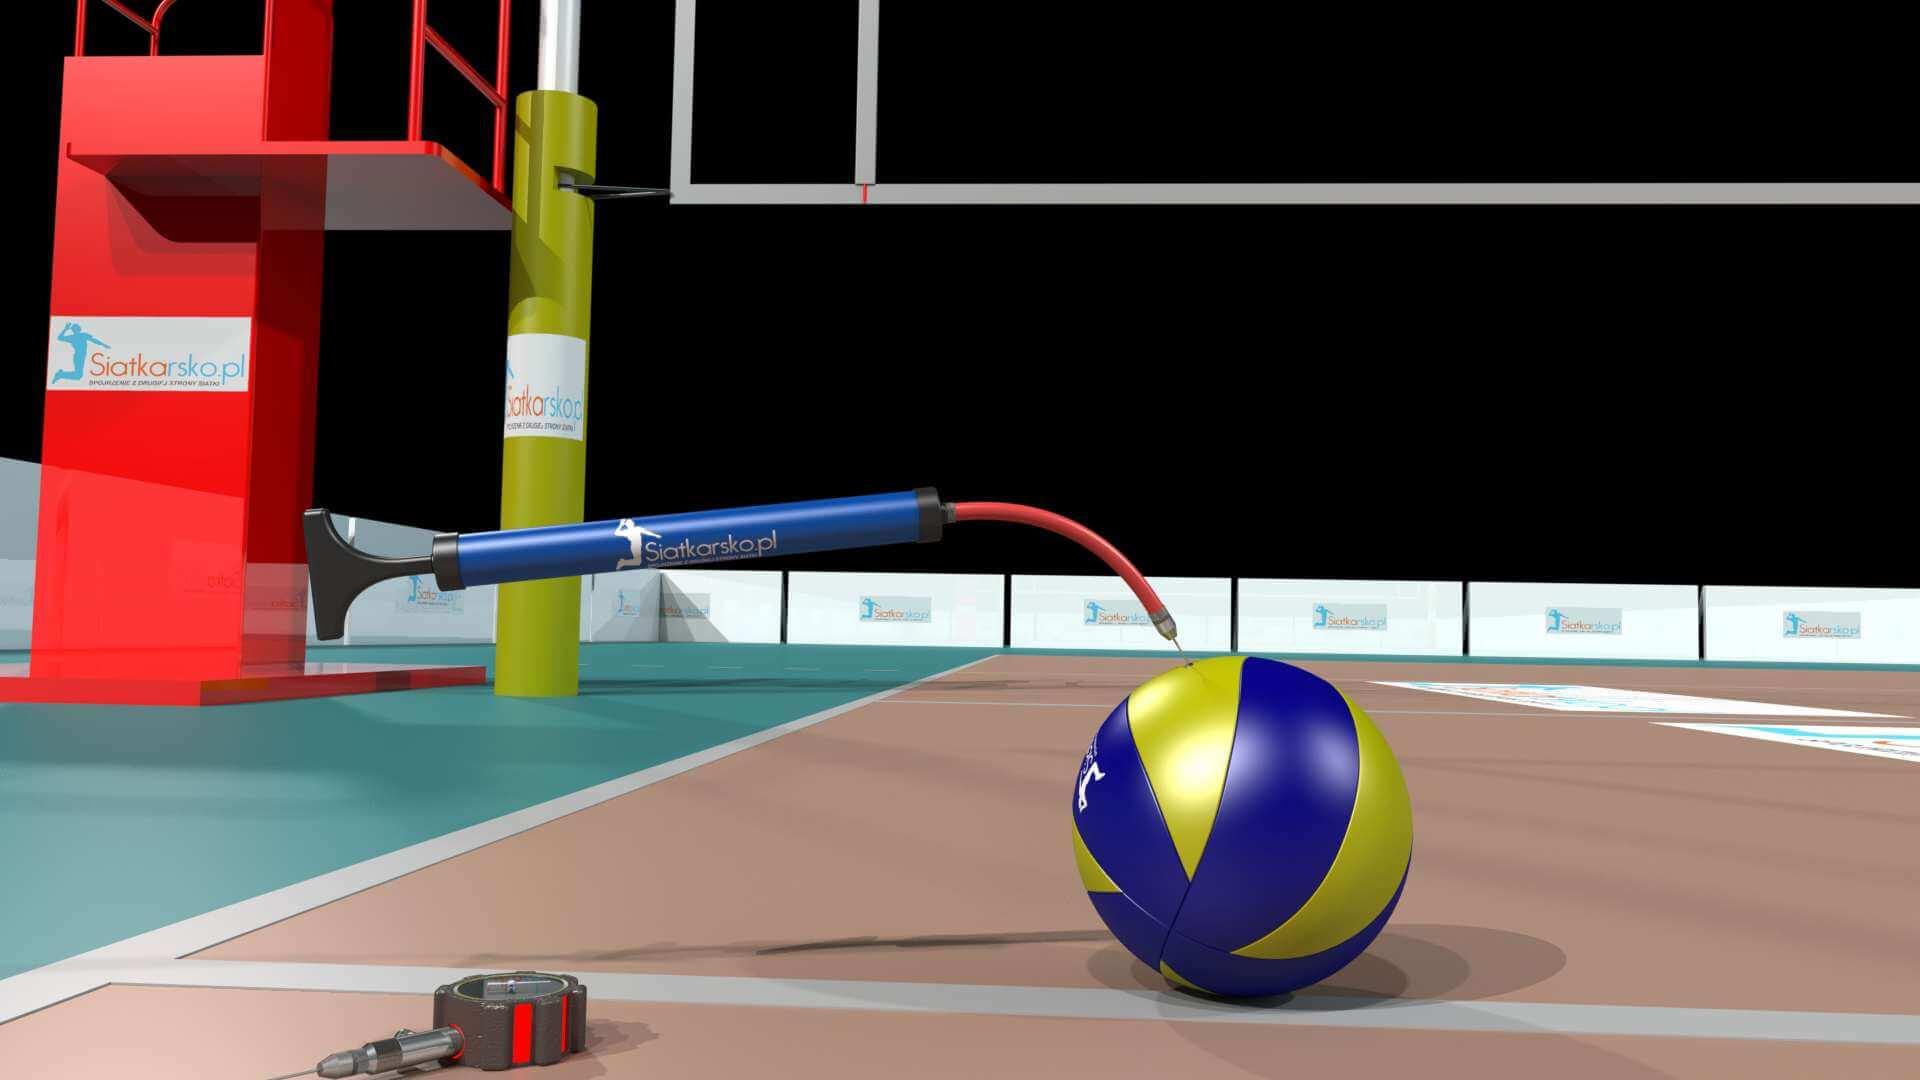 piłka do siatkówki na boisku